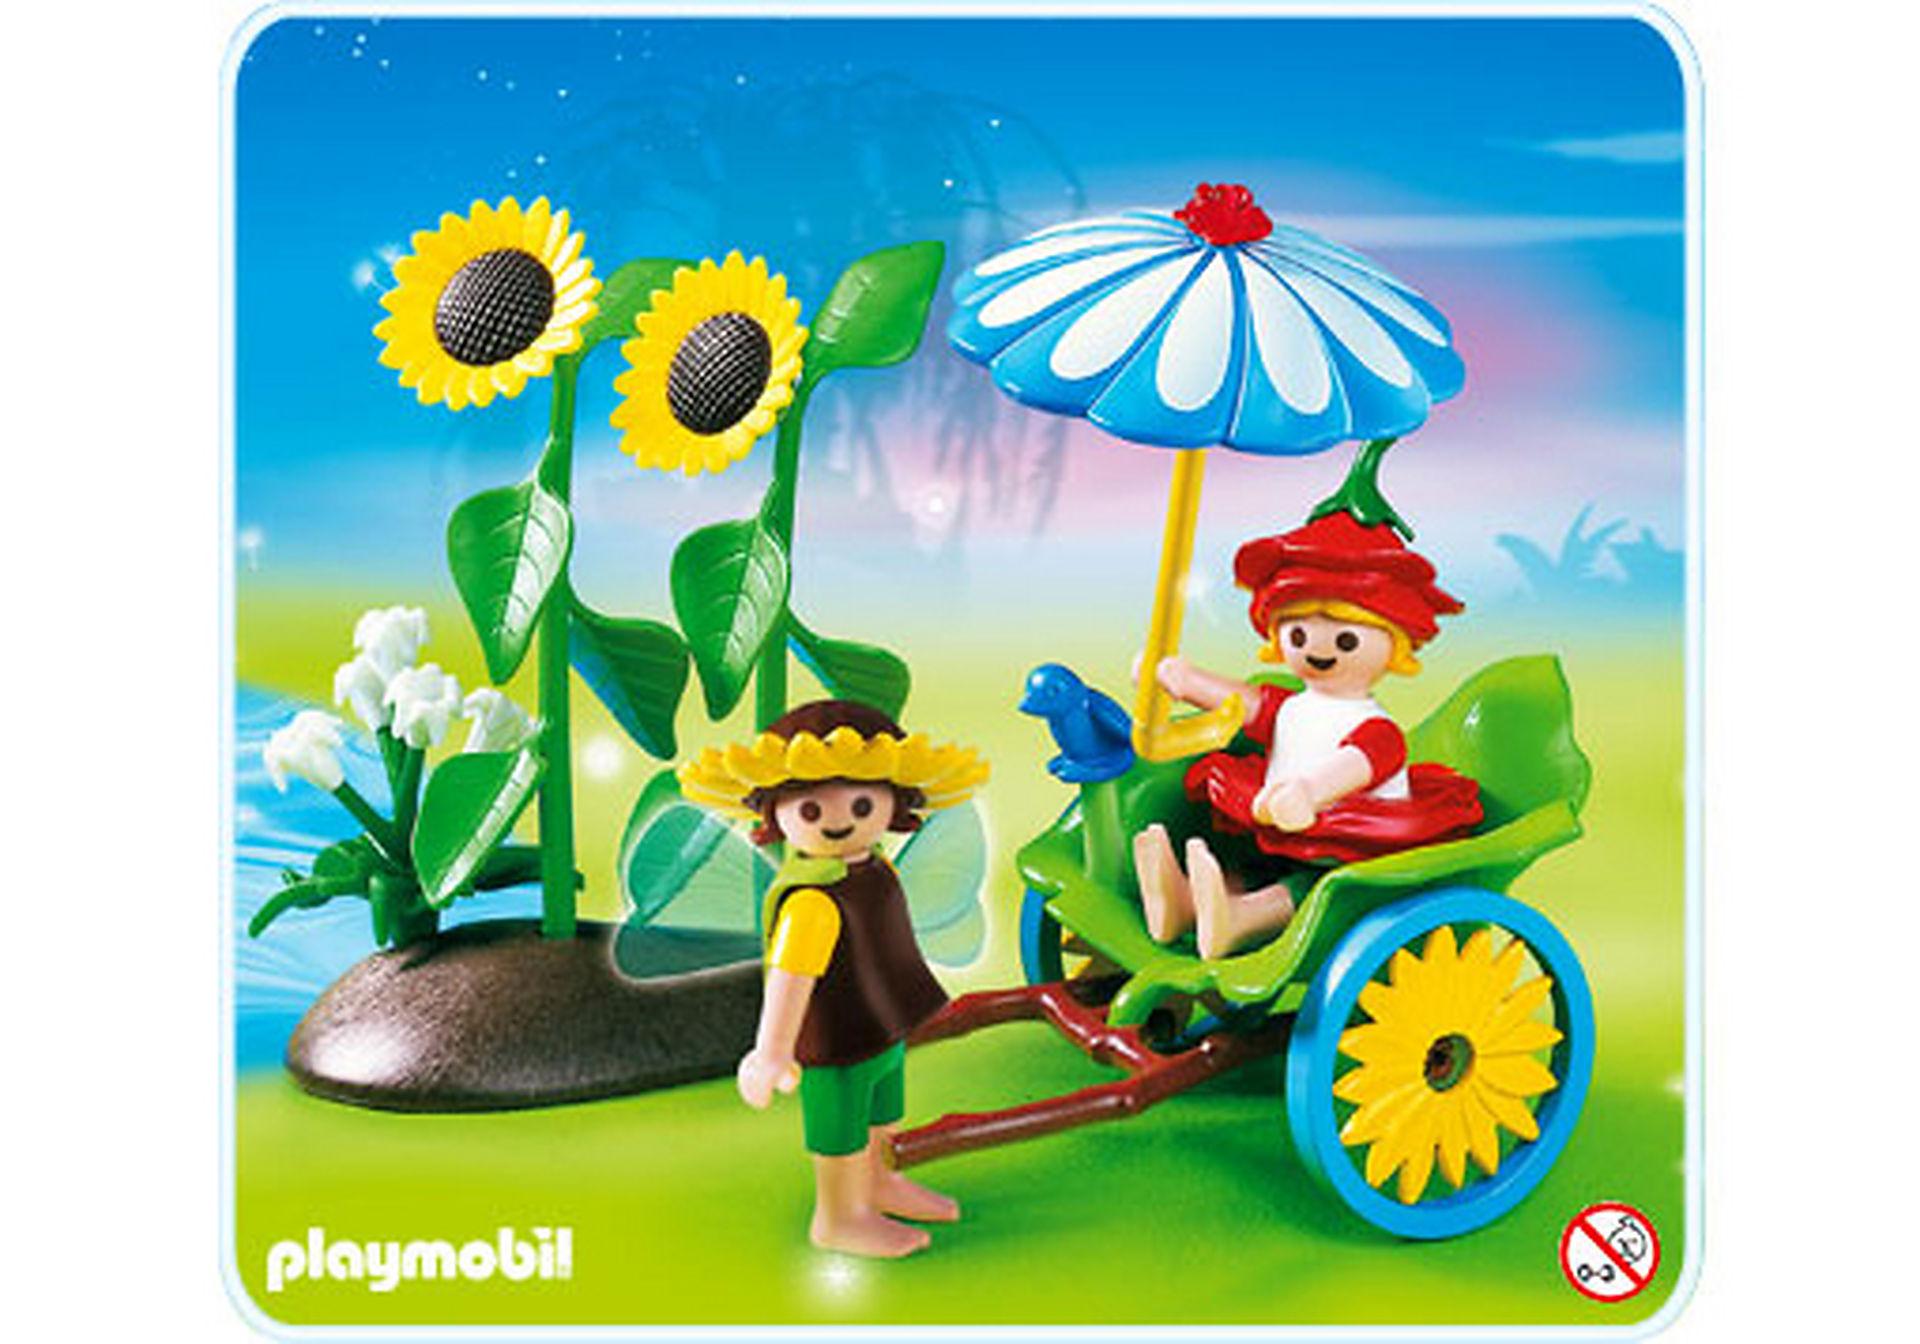 http://media.playmobil.com/i/playmobil/4197-A_product_detail/Fée et lutin avec pousse-pousse